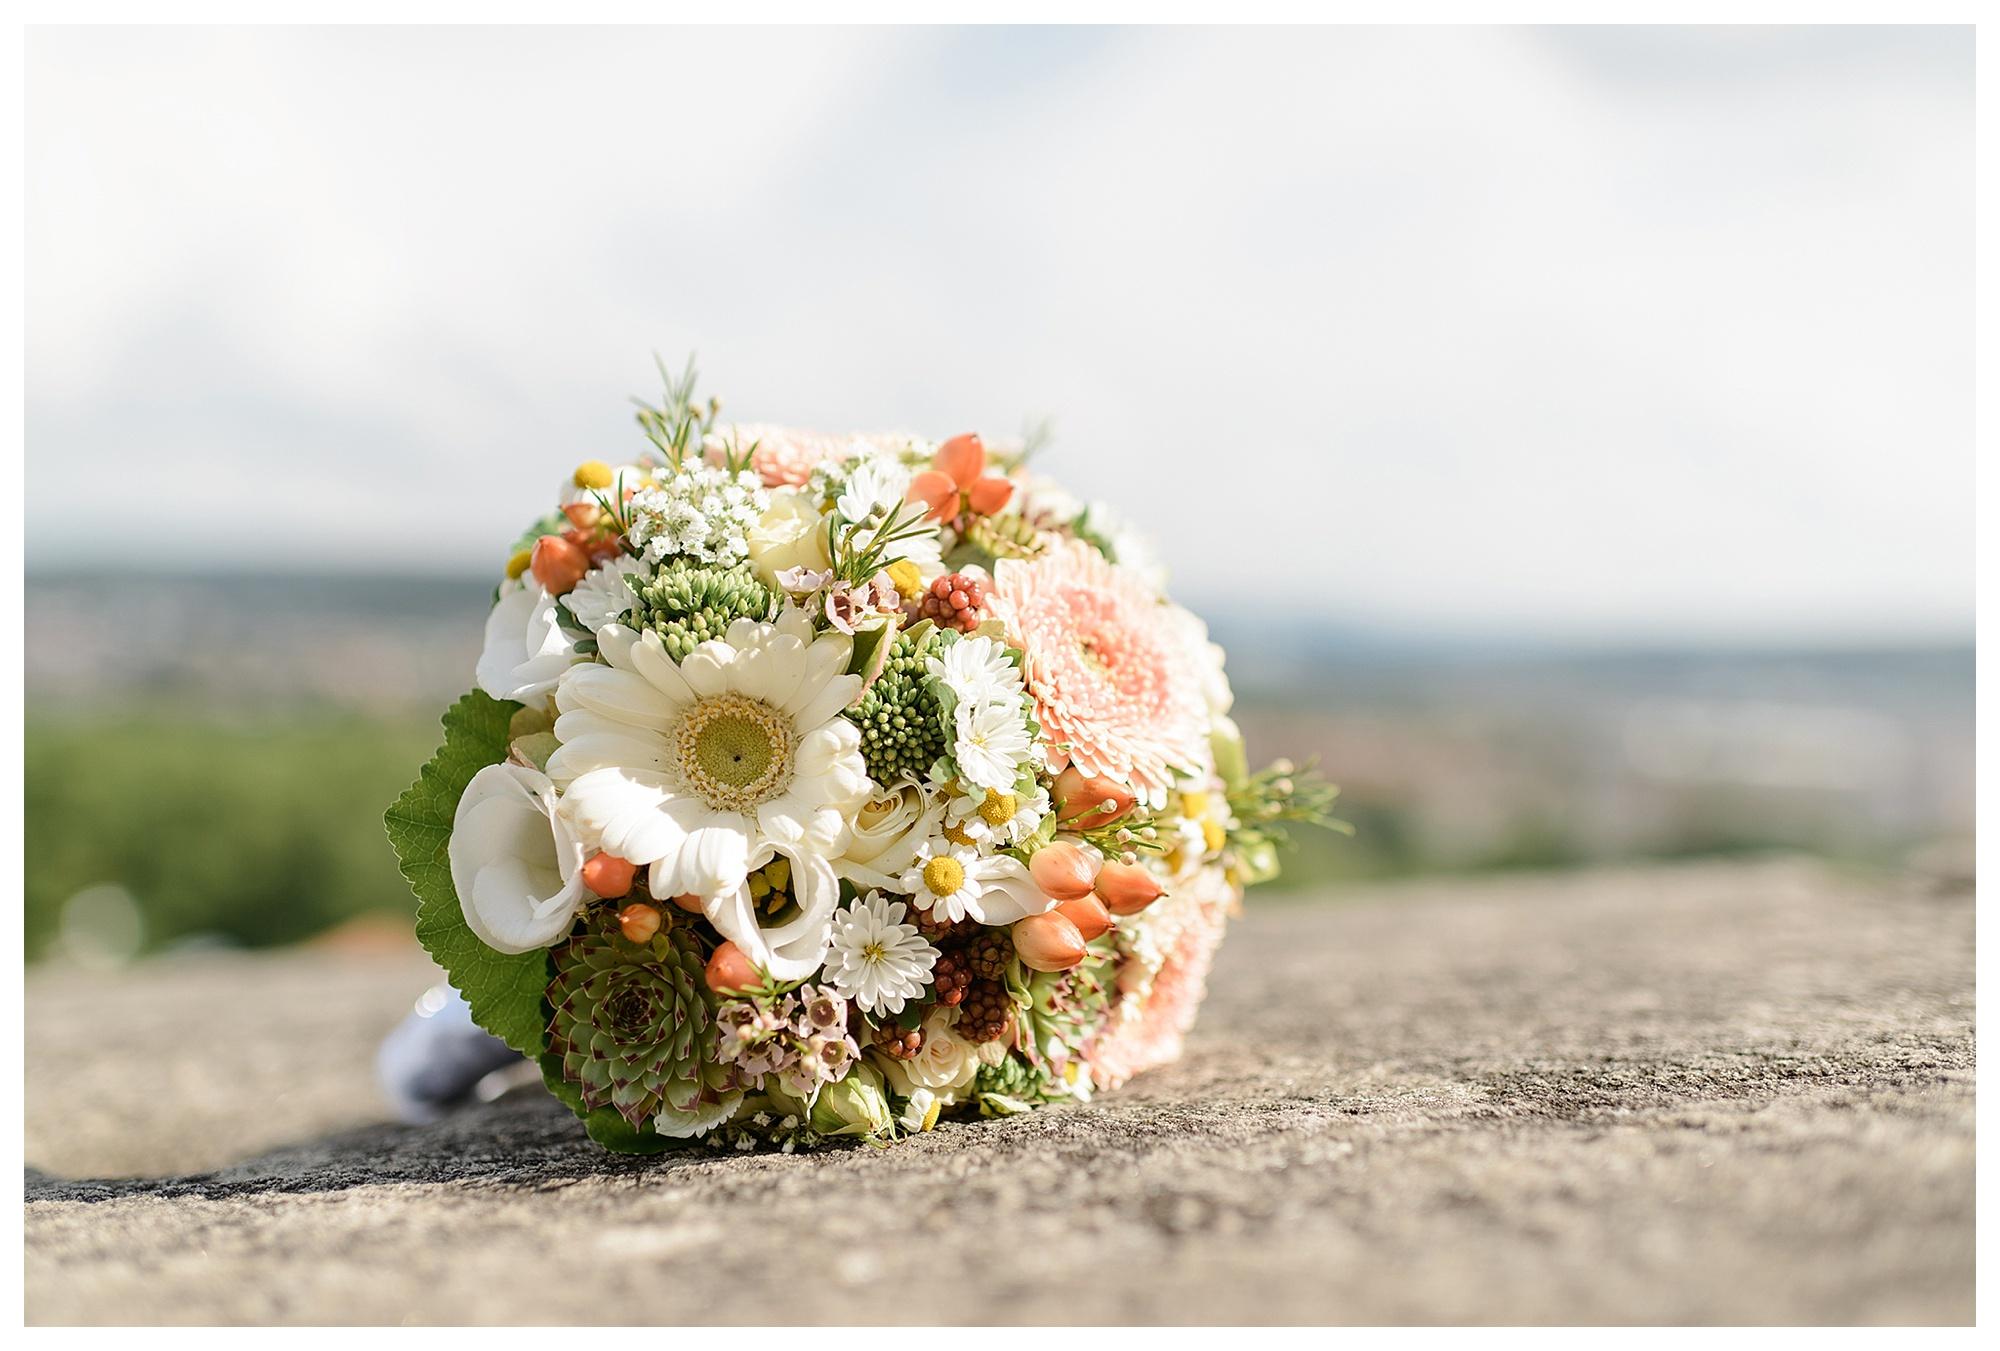 Fotograf Konstanz - Best of 2014 Elmar Feuerbacher Photography Hochzeit Portrait 037 - Rückblick auf 2014  - 40 -